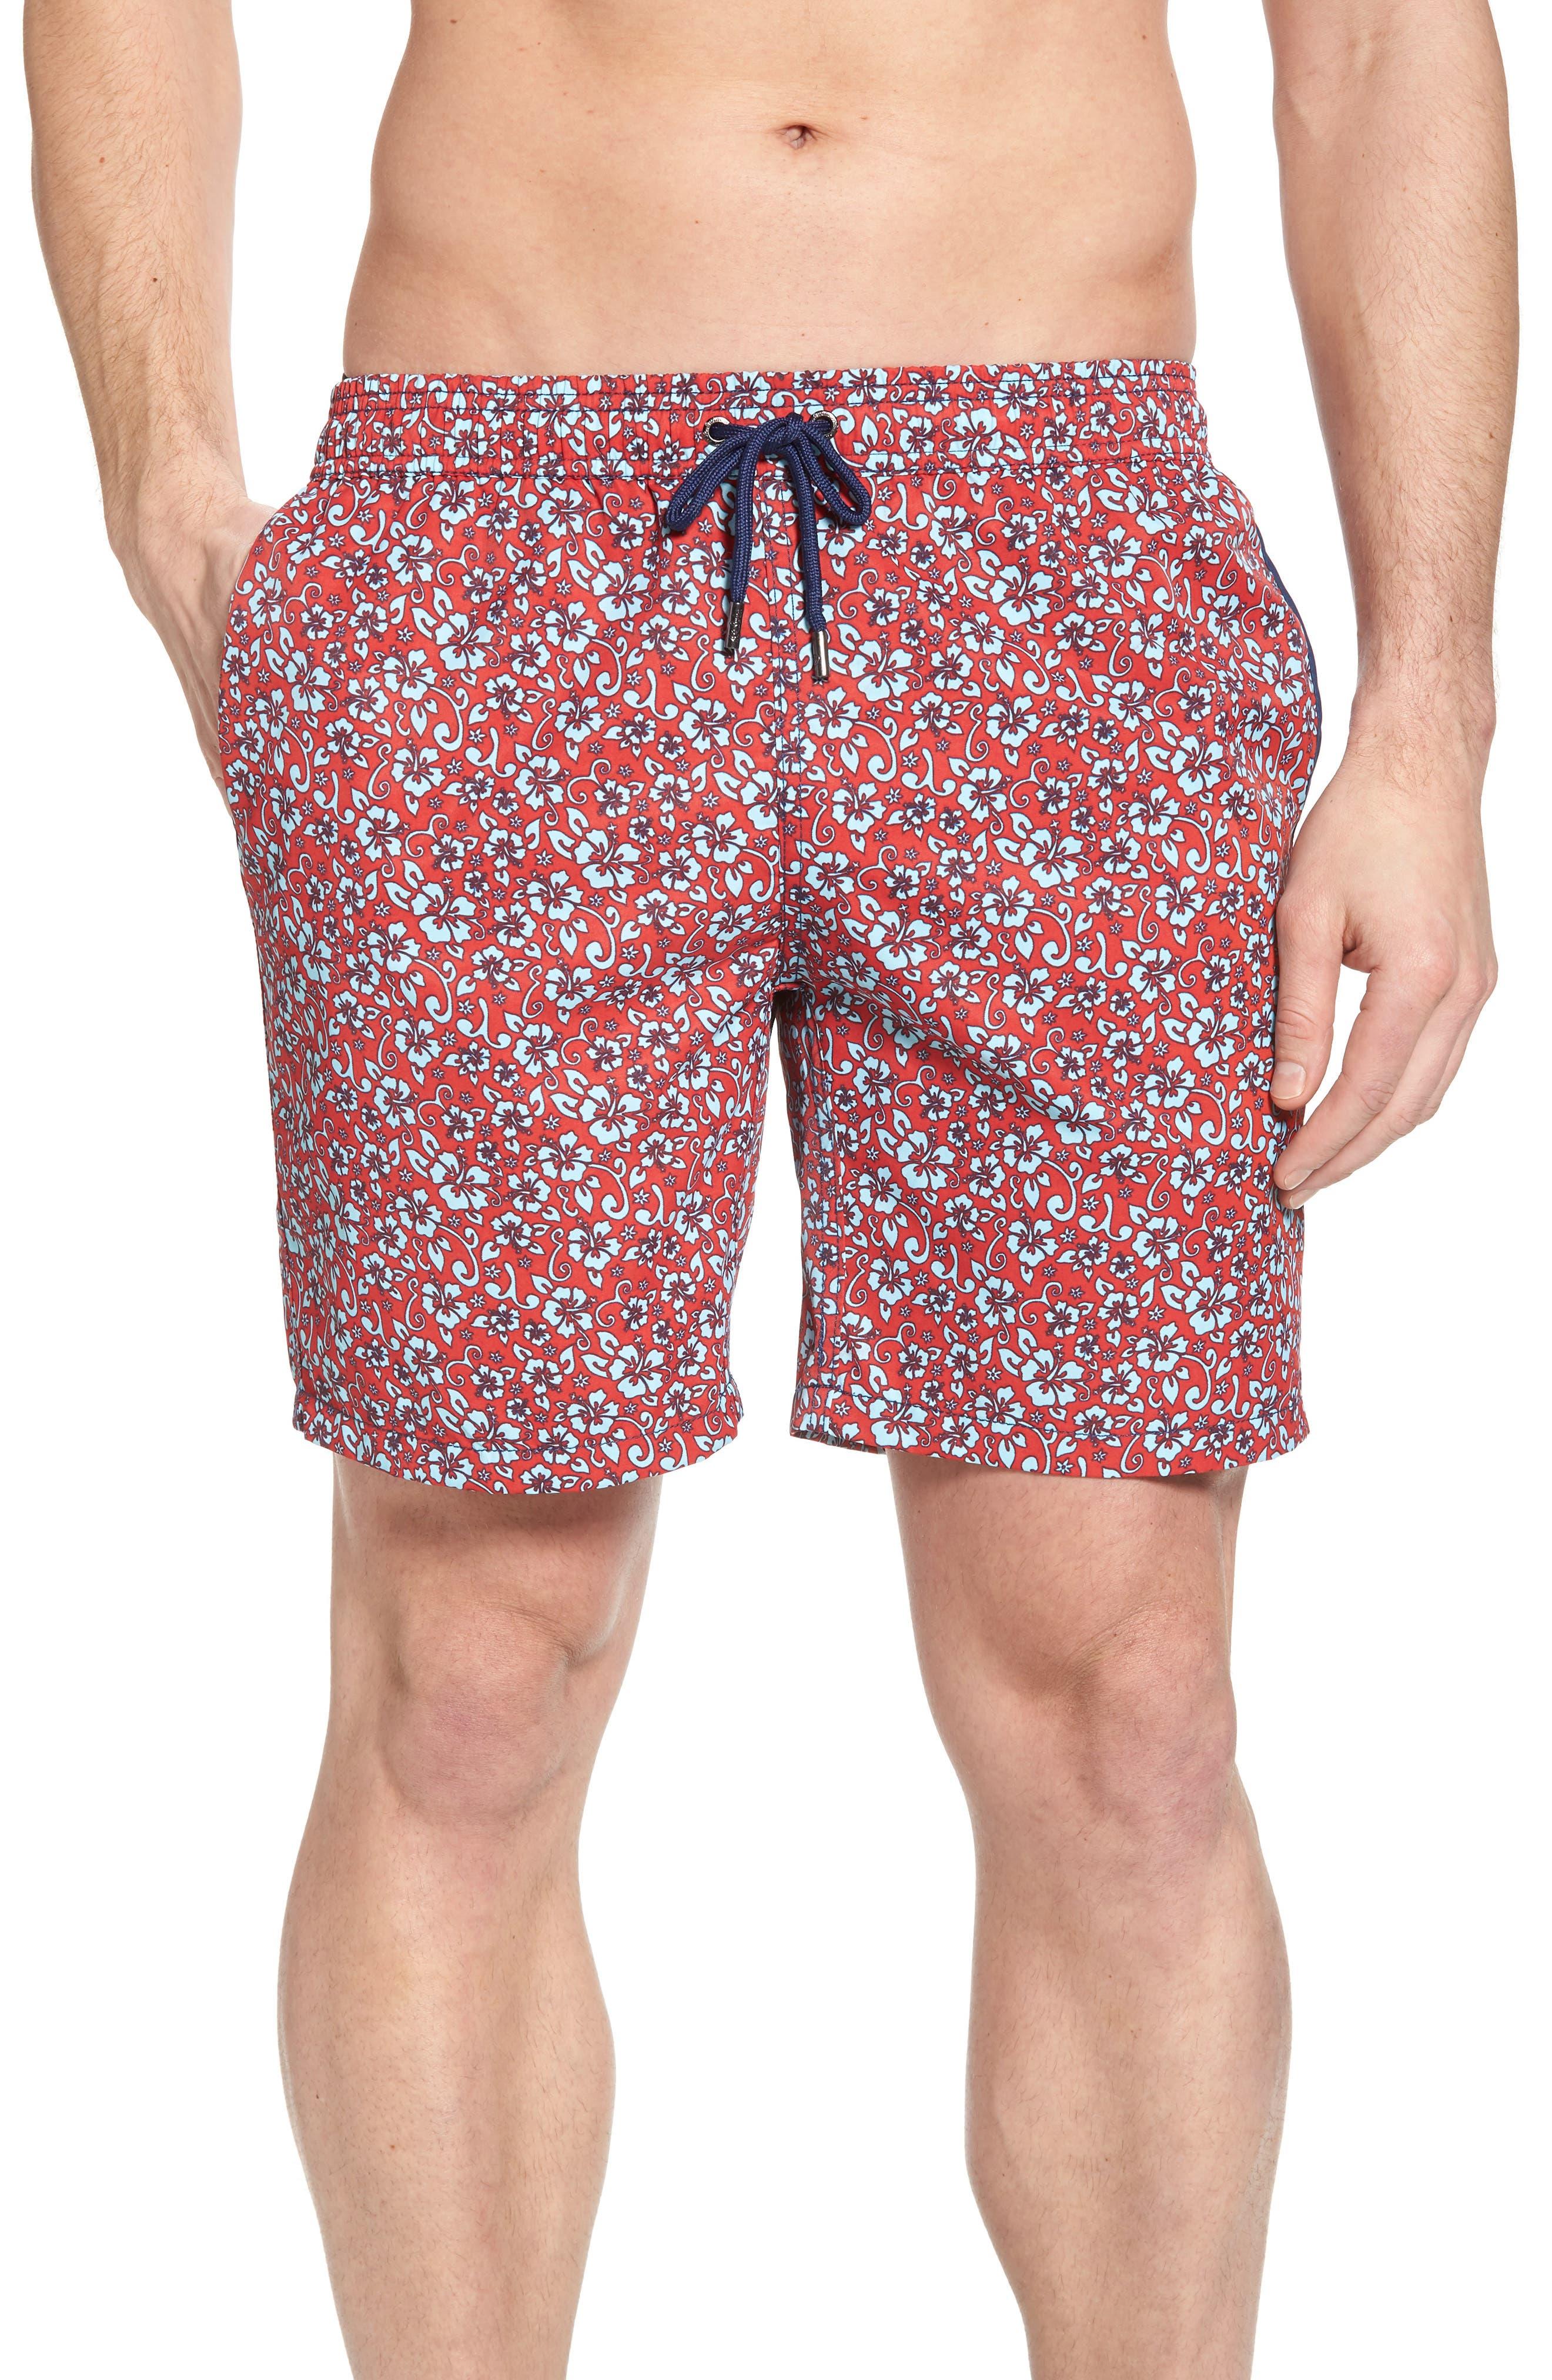 Mr. Swim Trim Fit Floral Swim Trunks,                             Main thumbnail 1, color,                             600